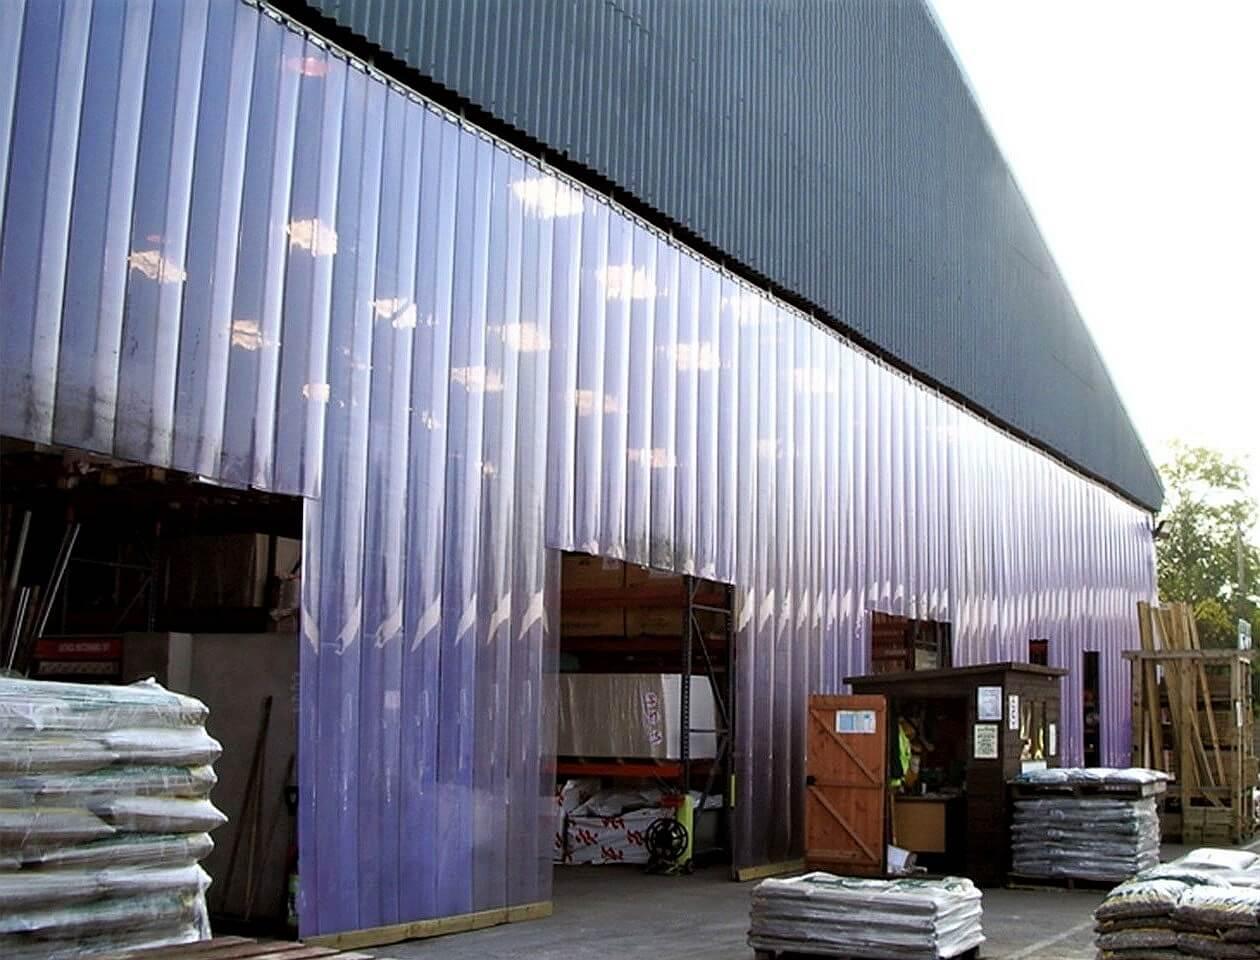 Kurtyny paskowe do ochrony składowanych towarów